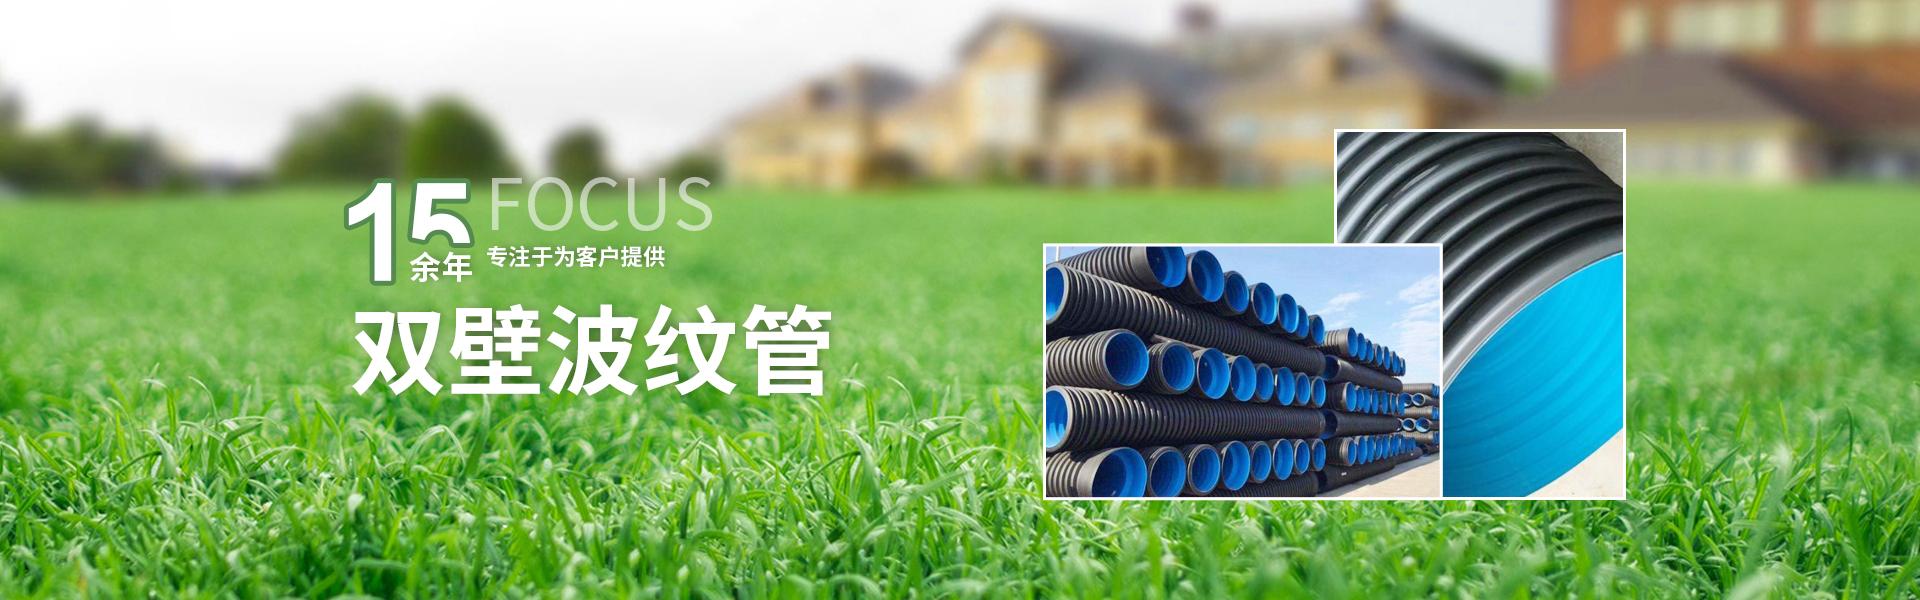 专业生产双壁波纹管,下水道管